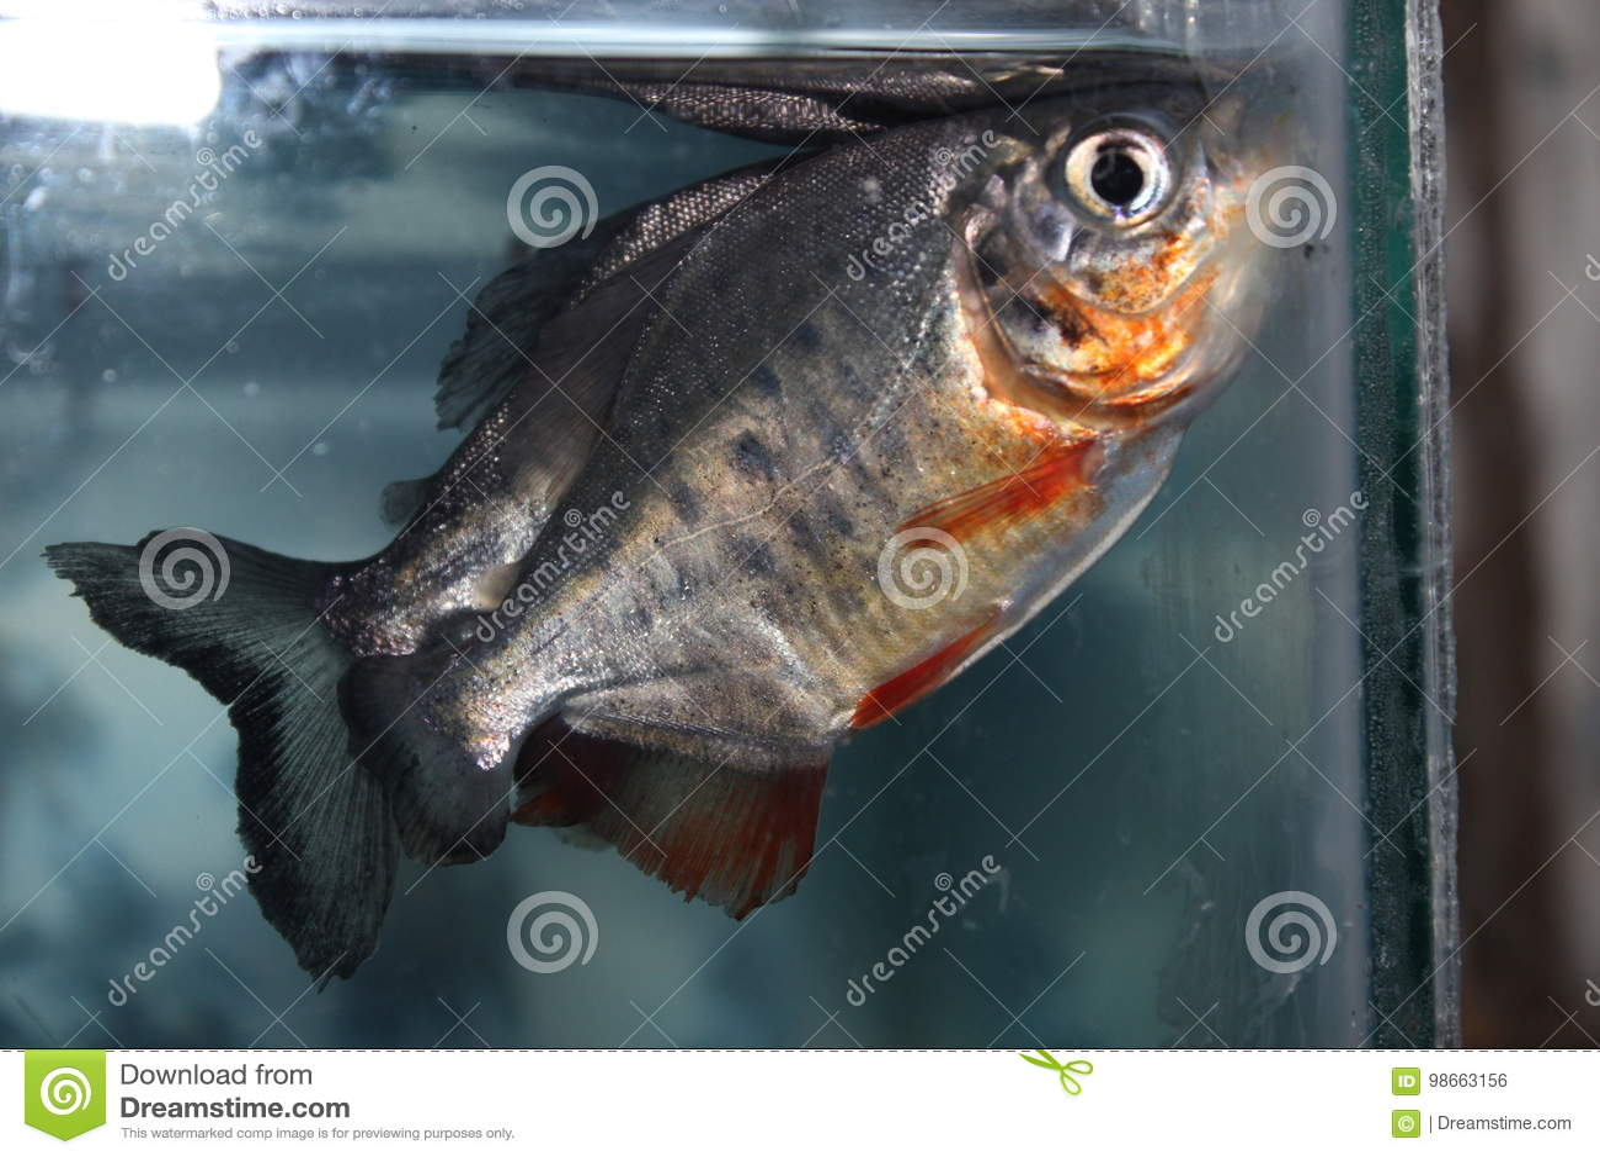 piranha fish stock photo. image of piranhas, piranha - 98663156